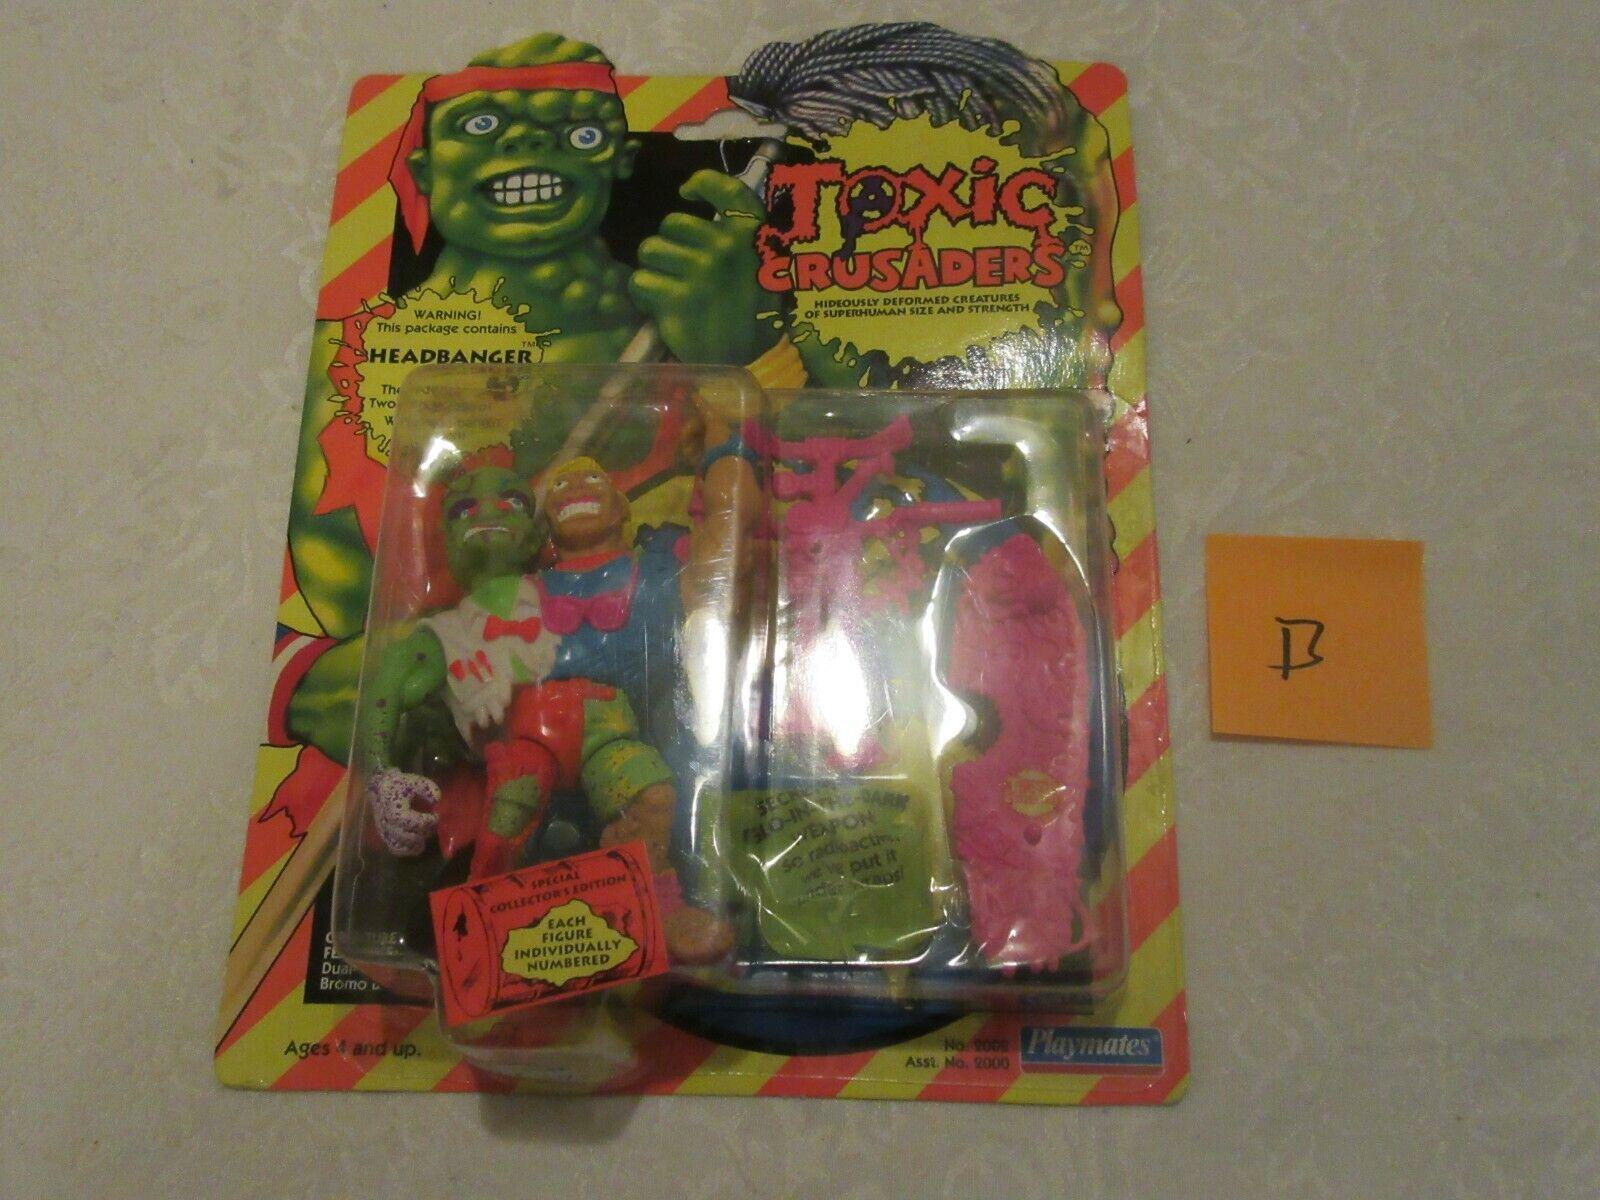 Playmates Toxic Crusaders Headbanger  2002 1991 specialeee Collector's edizione  B  spedizione e scambi gratuiti.